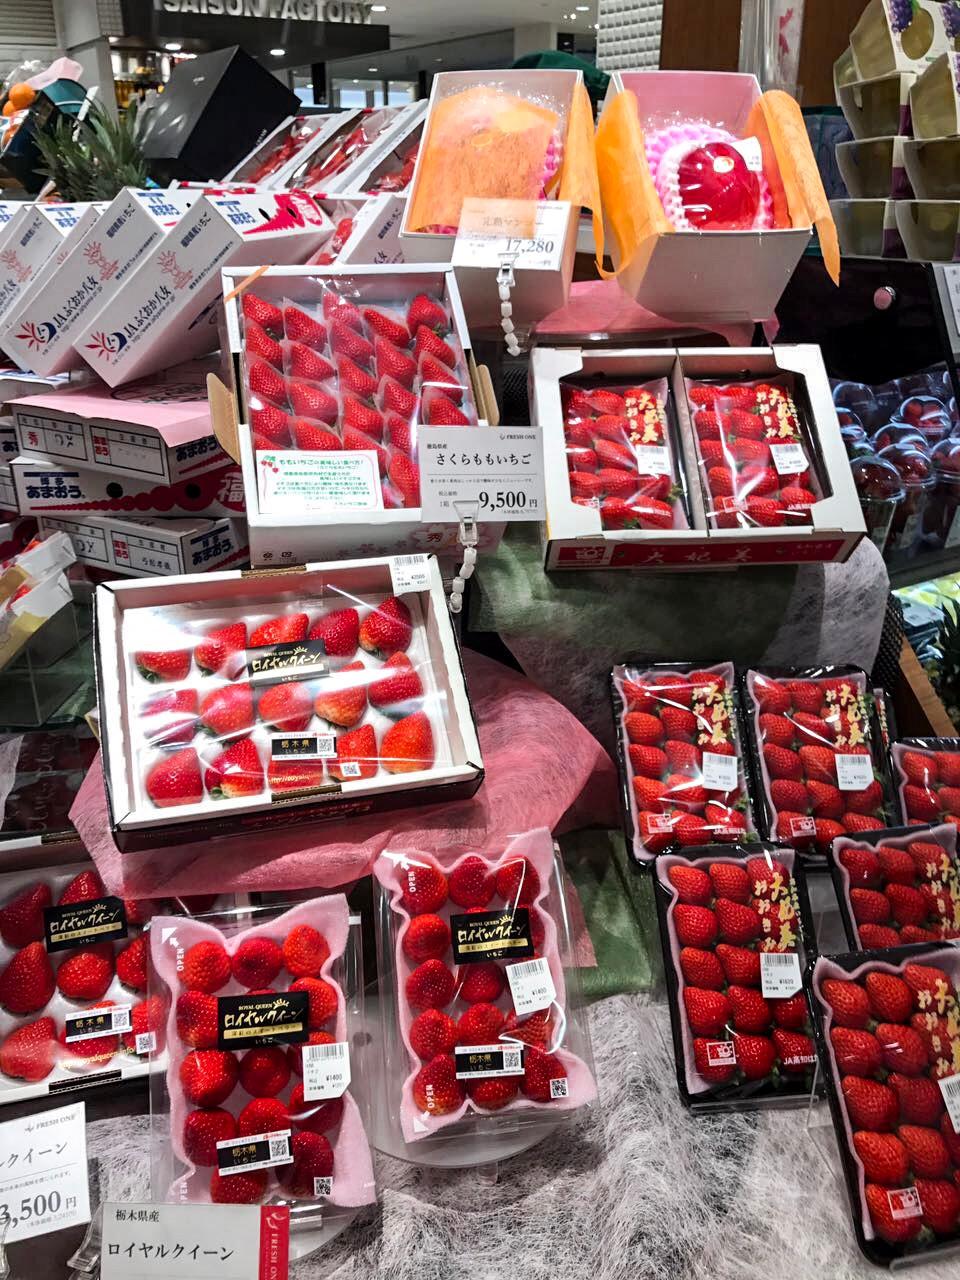 Mangos sold for 10900 Japanese Yen